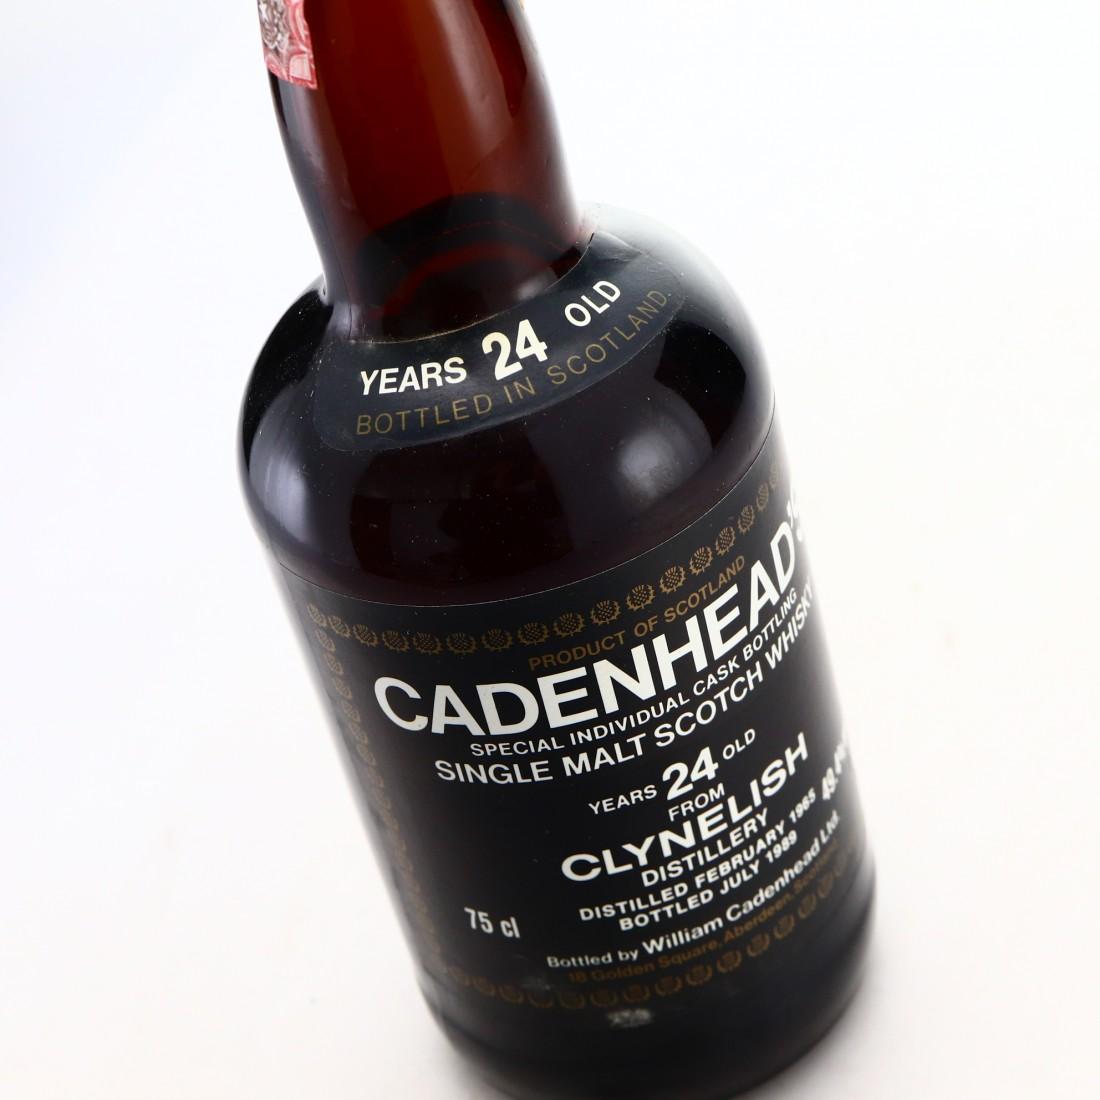 Clynelish 1965 Cadenhead's 24 Year Old